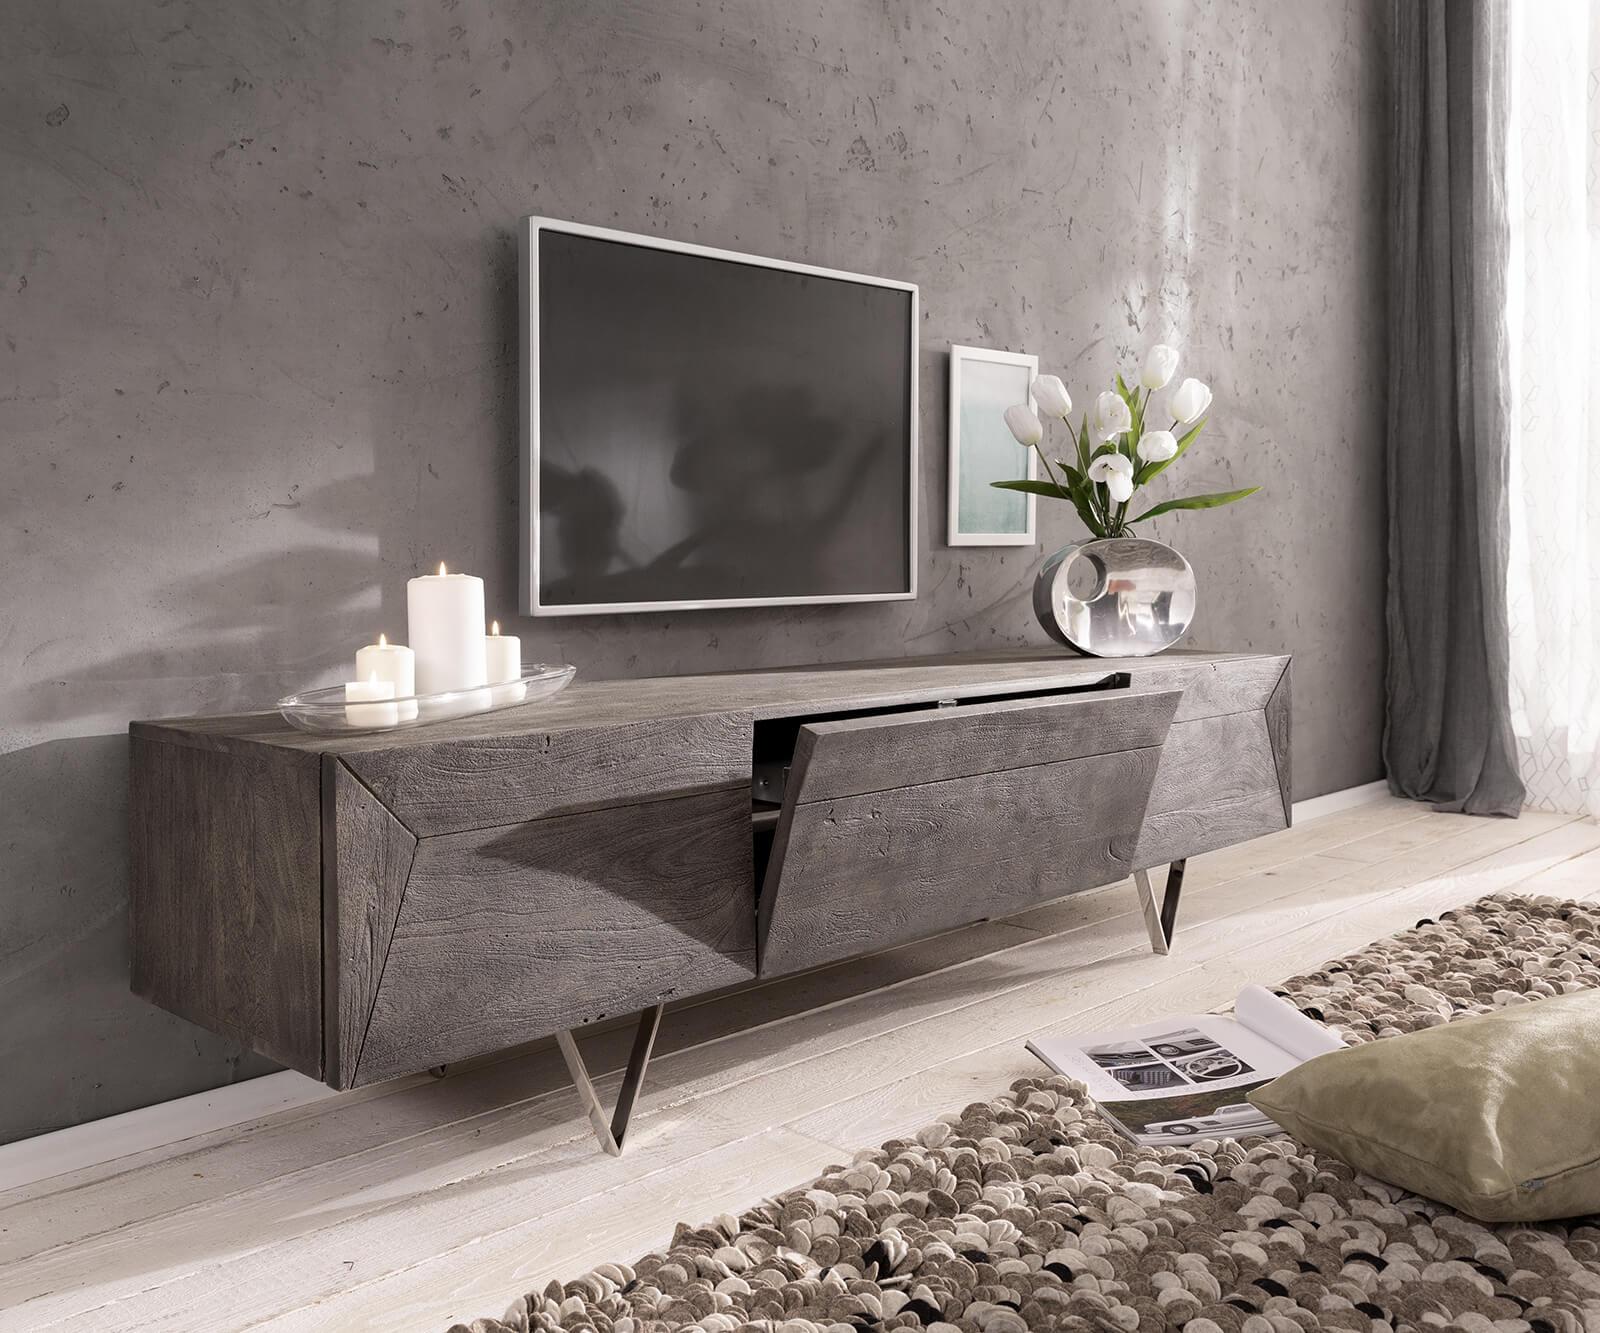 delife-design-lowboard-wyatt-175-cm-akazie-platin-2-turen-1-klappe-fernsehtische